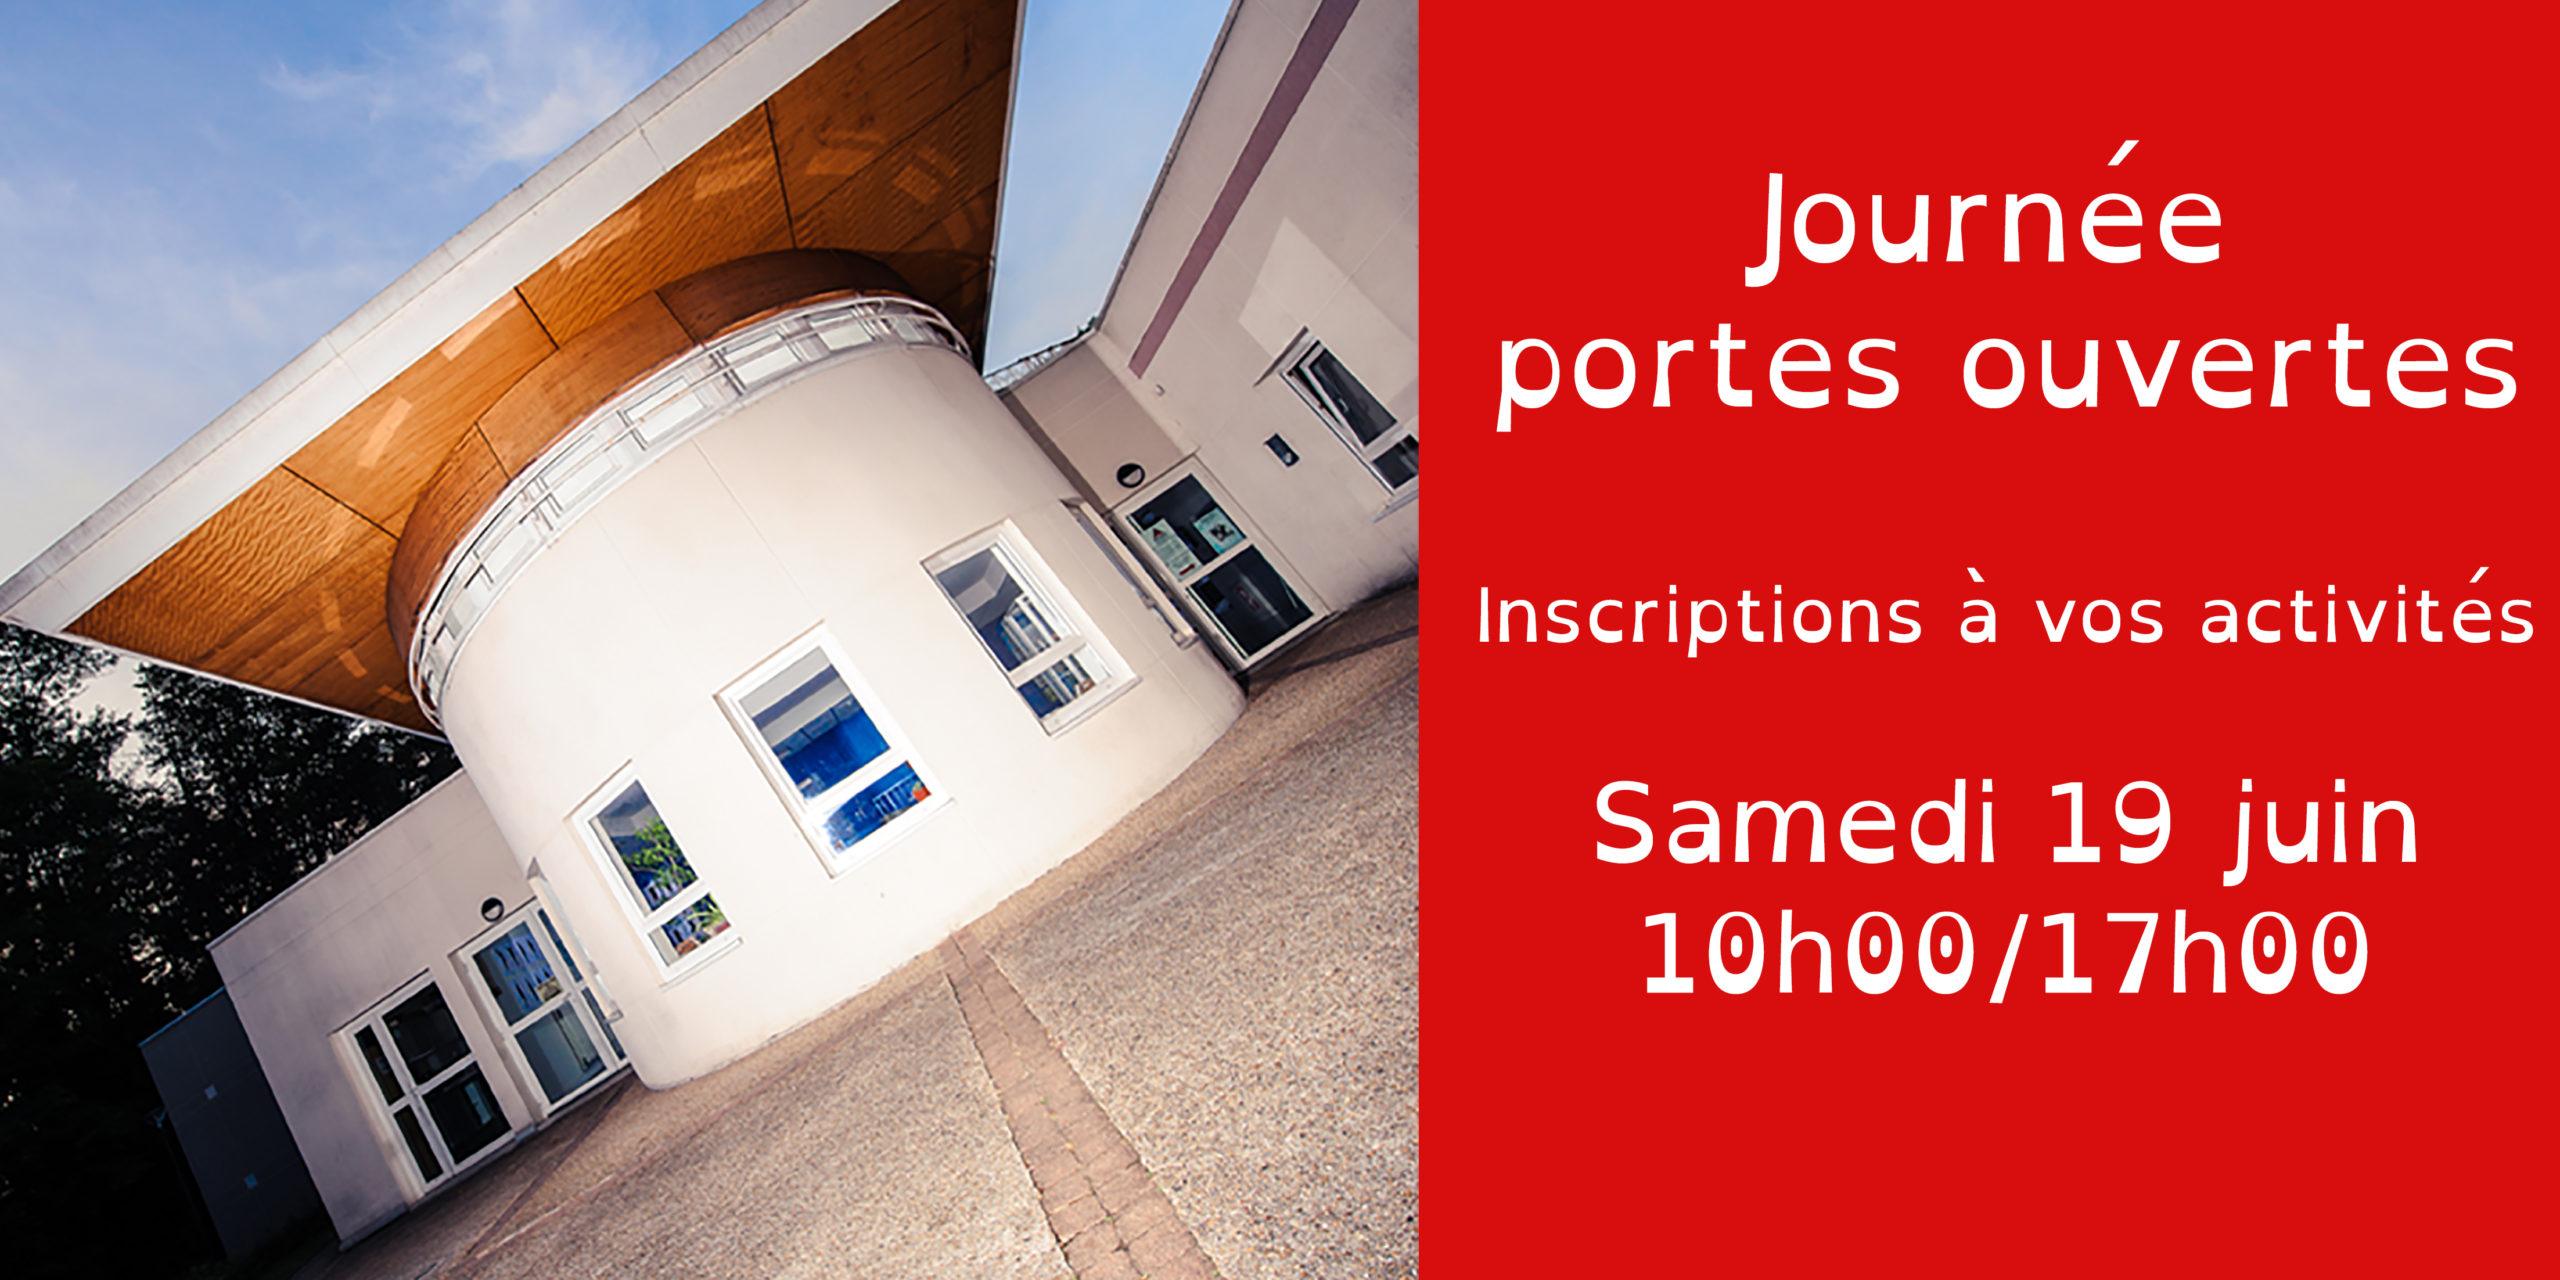 MJC la celle saint-Cloud 78 activités studio de répétitions théâtre concert musique danses exposition la k'bane à boukan